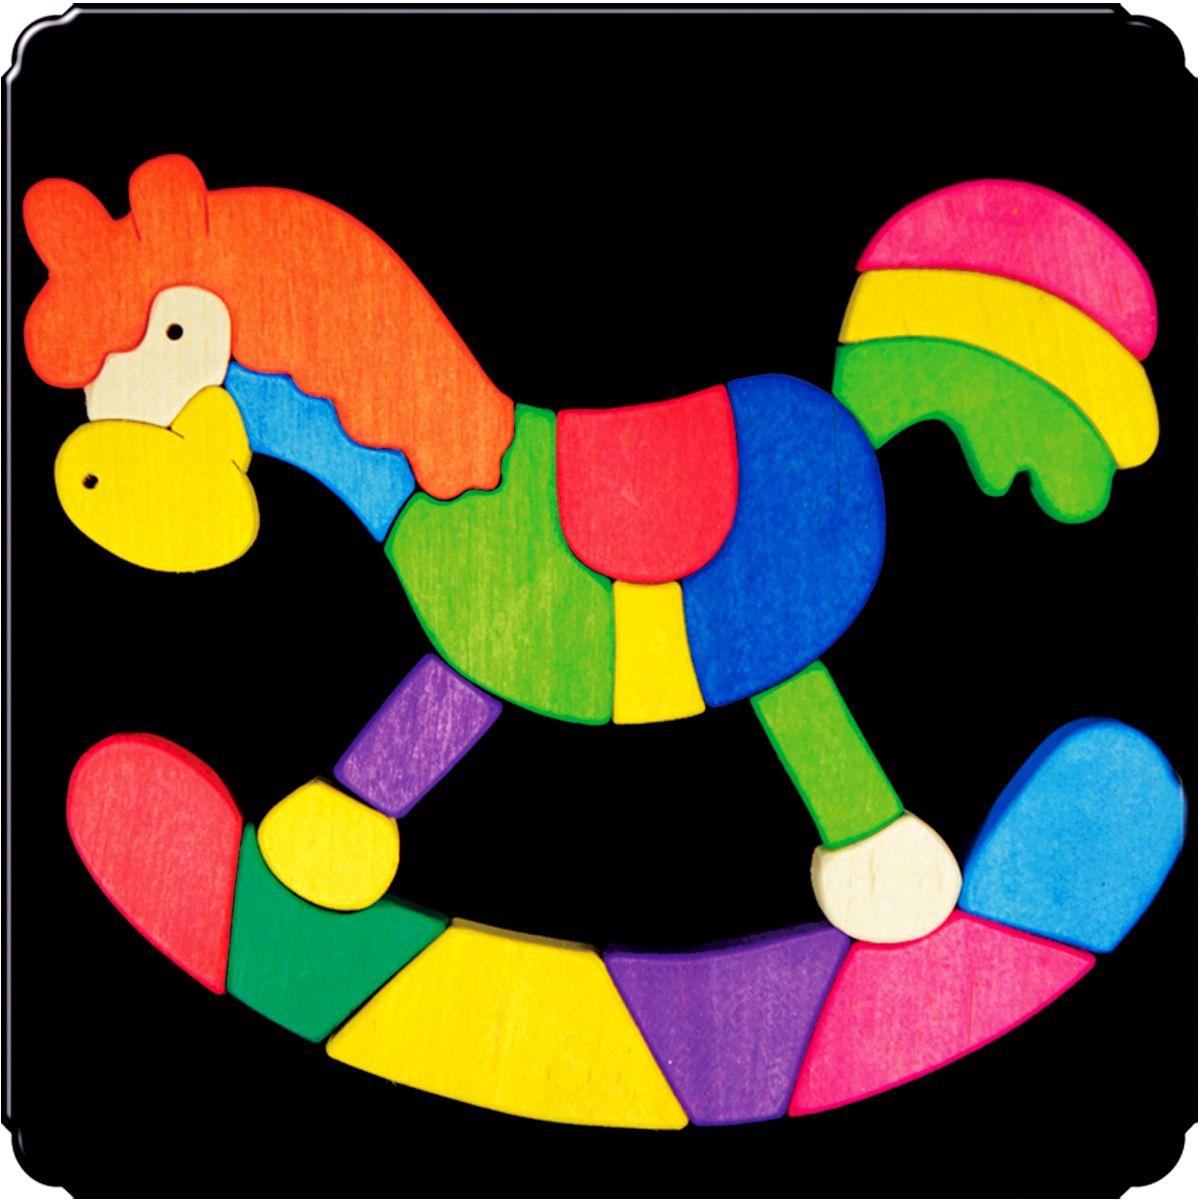 Деревяшкино Пазл для малышей Лошадка113Красочная игрушка-головоломка из натурального дерева на магнитной доске. Незаменима в машине, поездке – в любом месте, где Вашему малышу удобно играть. Удивительный мир ярких красок и фантазий везде с Вами! Каждая деталька мозаики крепко держится на магнитной доске. Ваш юный фантазер сможет не только решить сложную задачу: собрать головоломку как на картинке, но и, используя фантазию, сможет создать уникальные и неповторимые композиции. Объединяйте несколько наборов – будет интереснее! Все детали выполнены из натурального дерева, окрашены безопасной пищевой краской. Деревянные игрушки дают возможность ощутить структуру, плотность, вес, запах материала. Ребенок получает правдивую информацию об окружающем мире. Развивает: мелкую моторику, абстрактное и логическое мышление, понимание цветов, геометрических форм. Методические рекомендации: объясните малышу почему детальки держатся на доске. Объясните как правильно собрать мозаику, но не помогайте в трудных местах. Попросите ребенка...